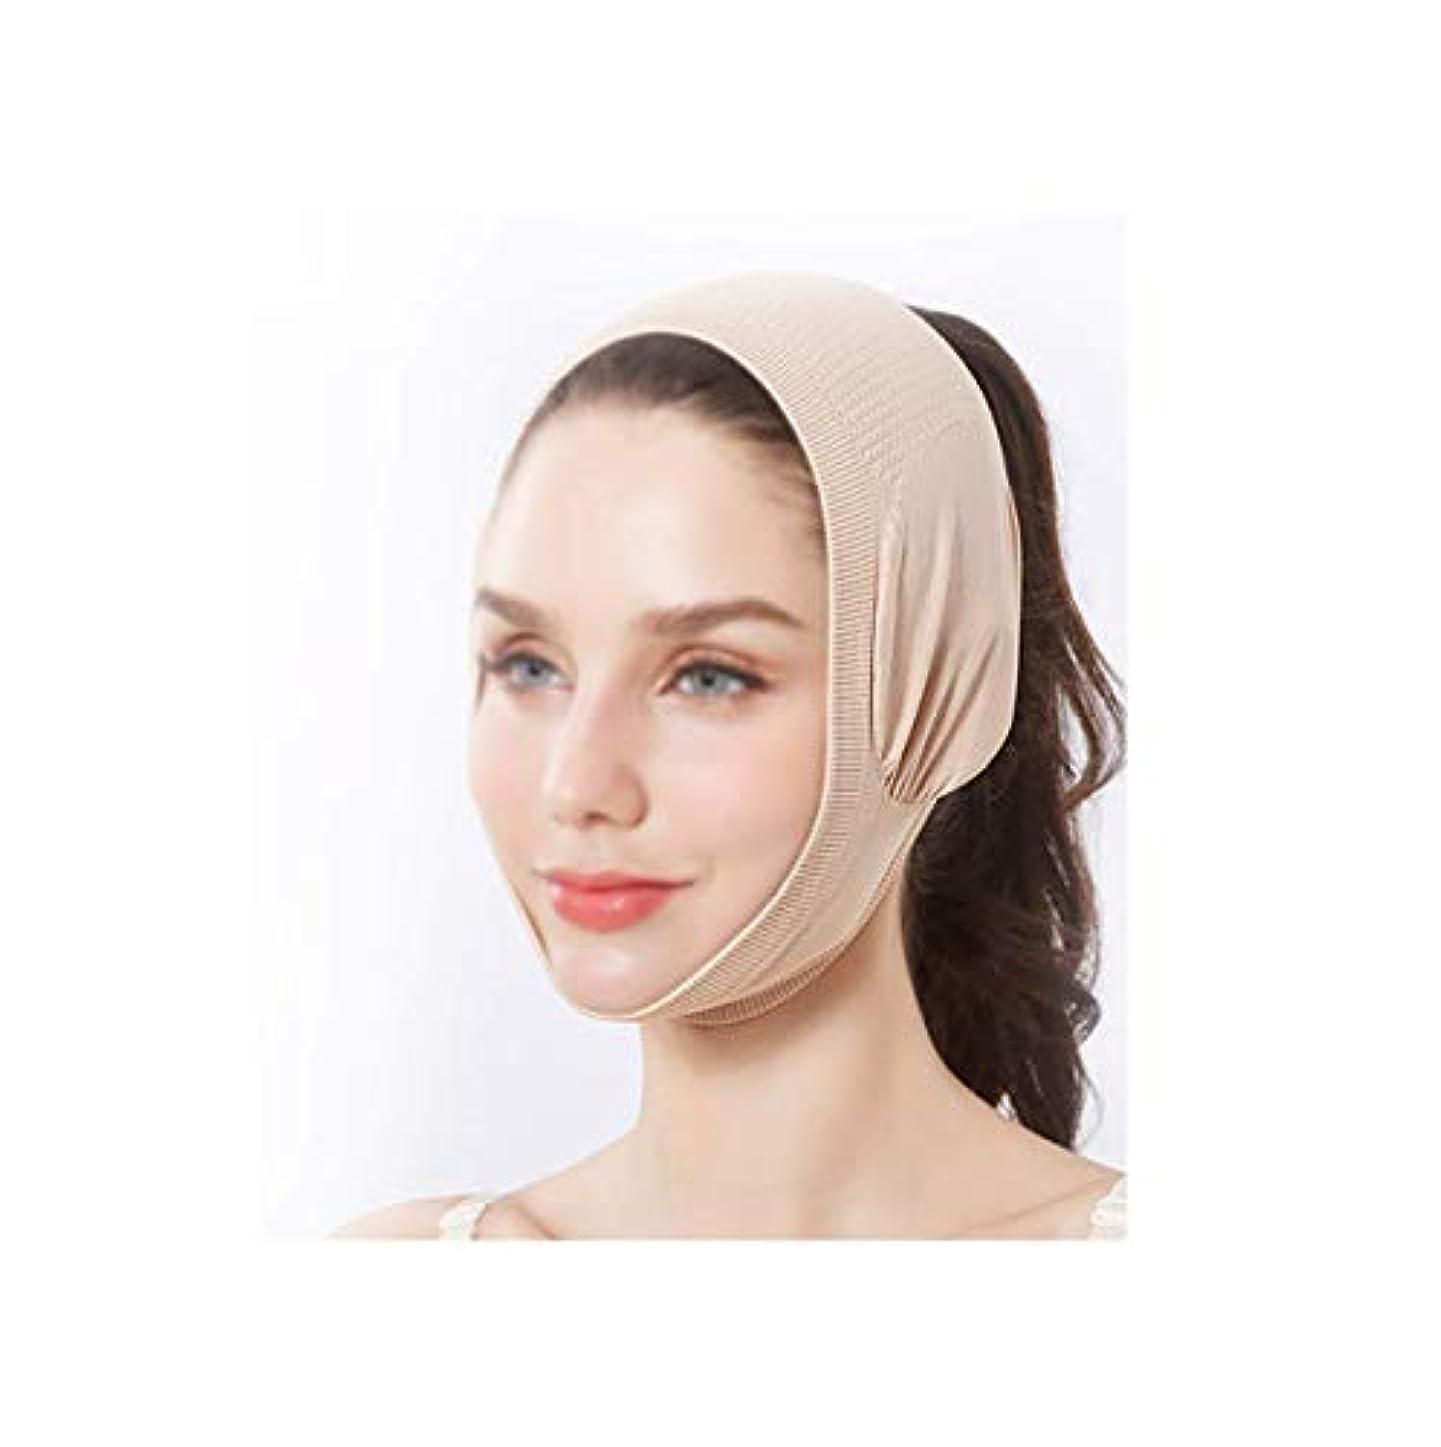 生産的限りほこりっぽいフェイスリフトマスク、フェイシャルマスクエクステンション強度フェイスレスバンデージバンディオンフェイスラージVラインカービングフェイスバックカバーネックストラップ(色:スキントーン)